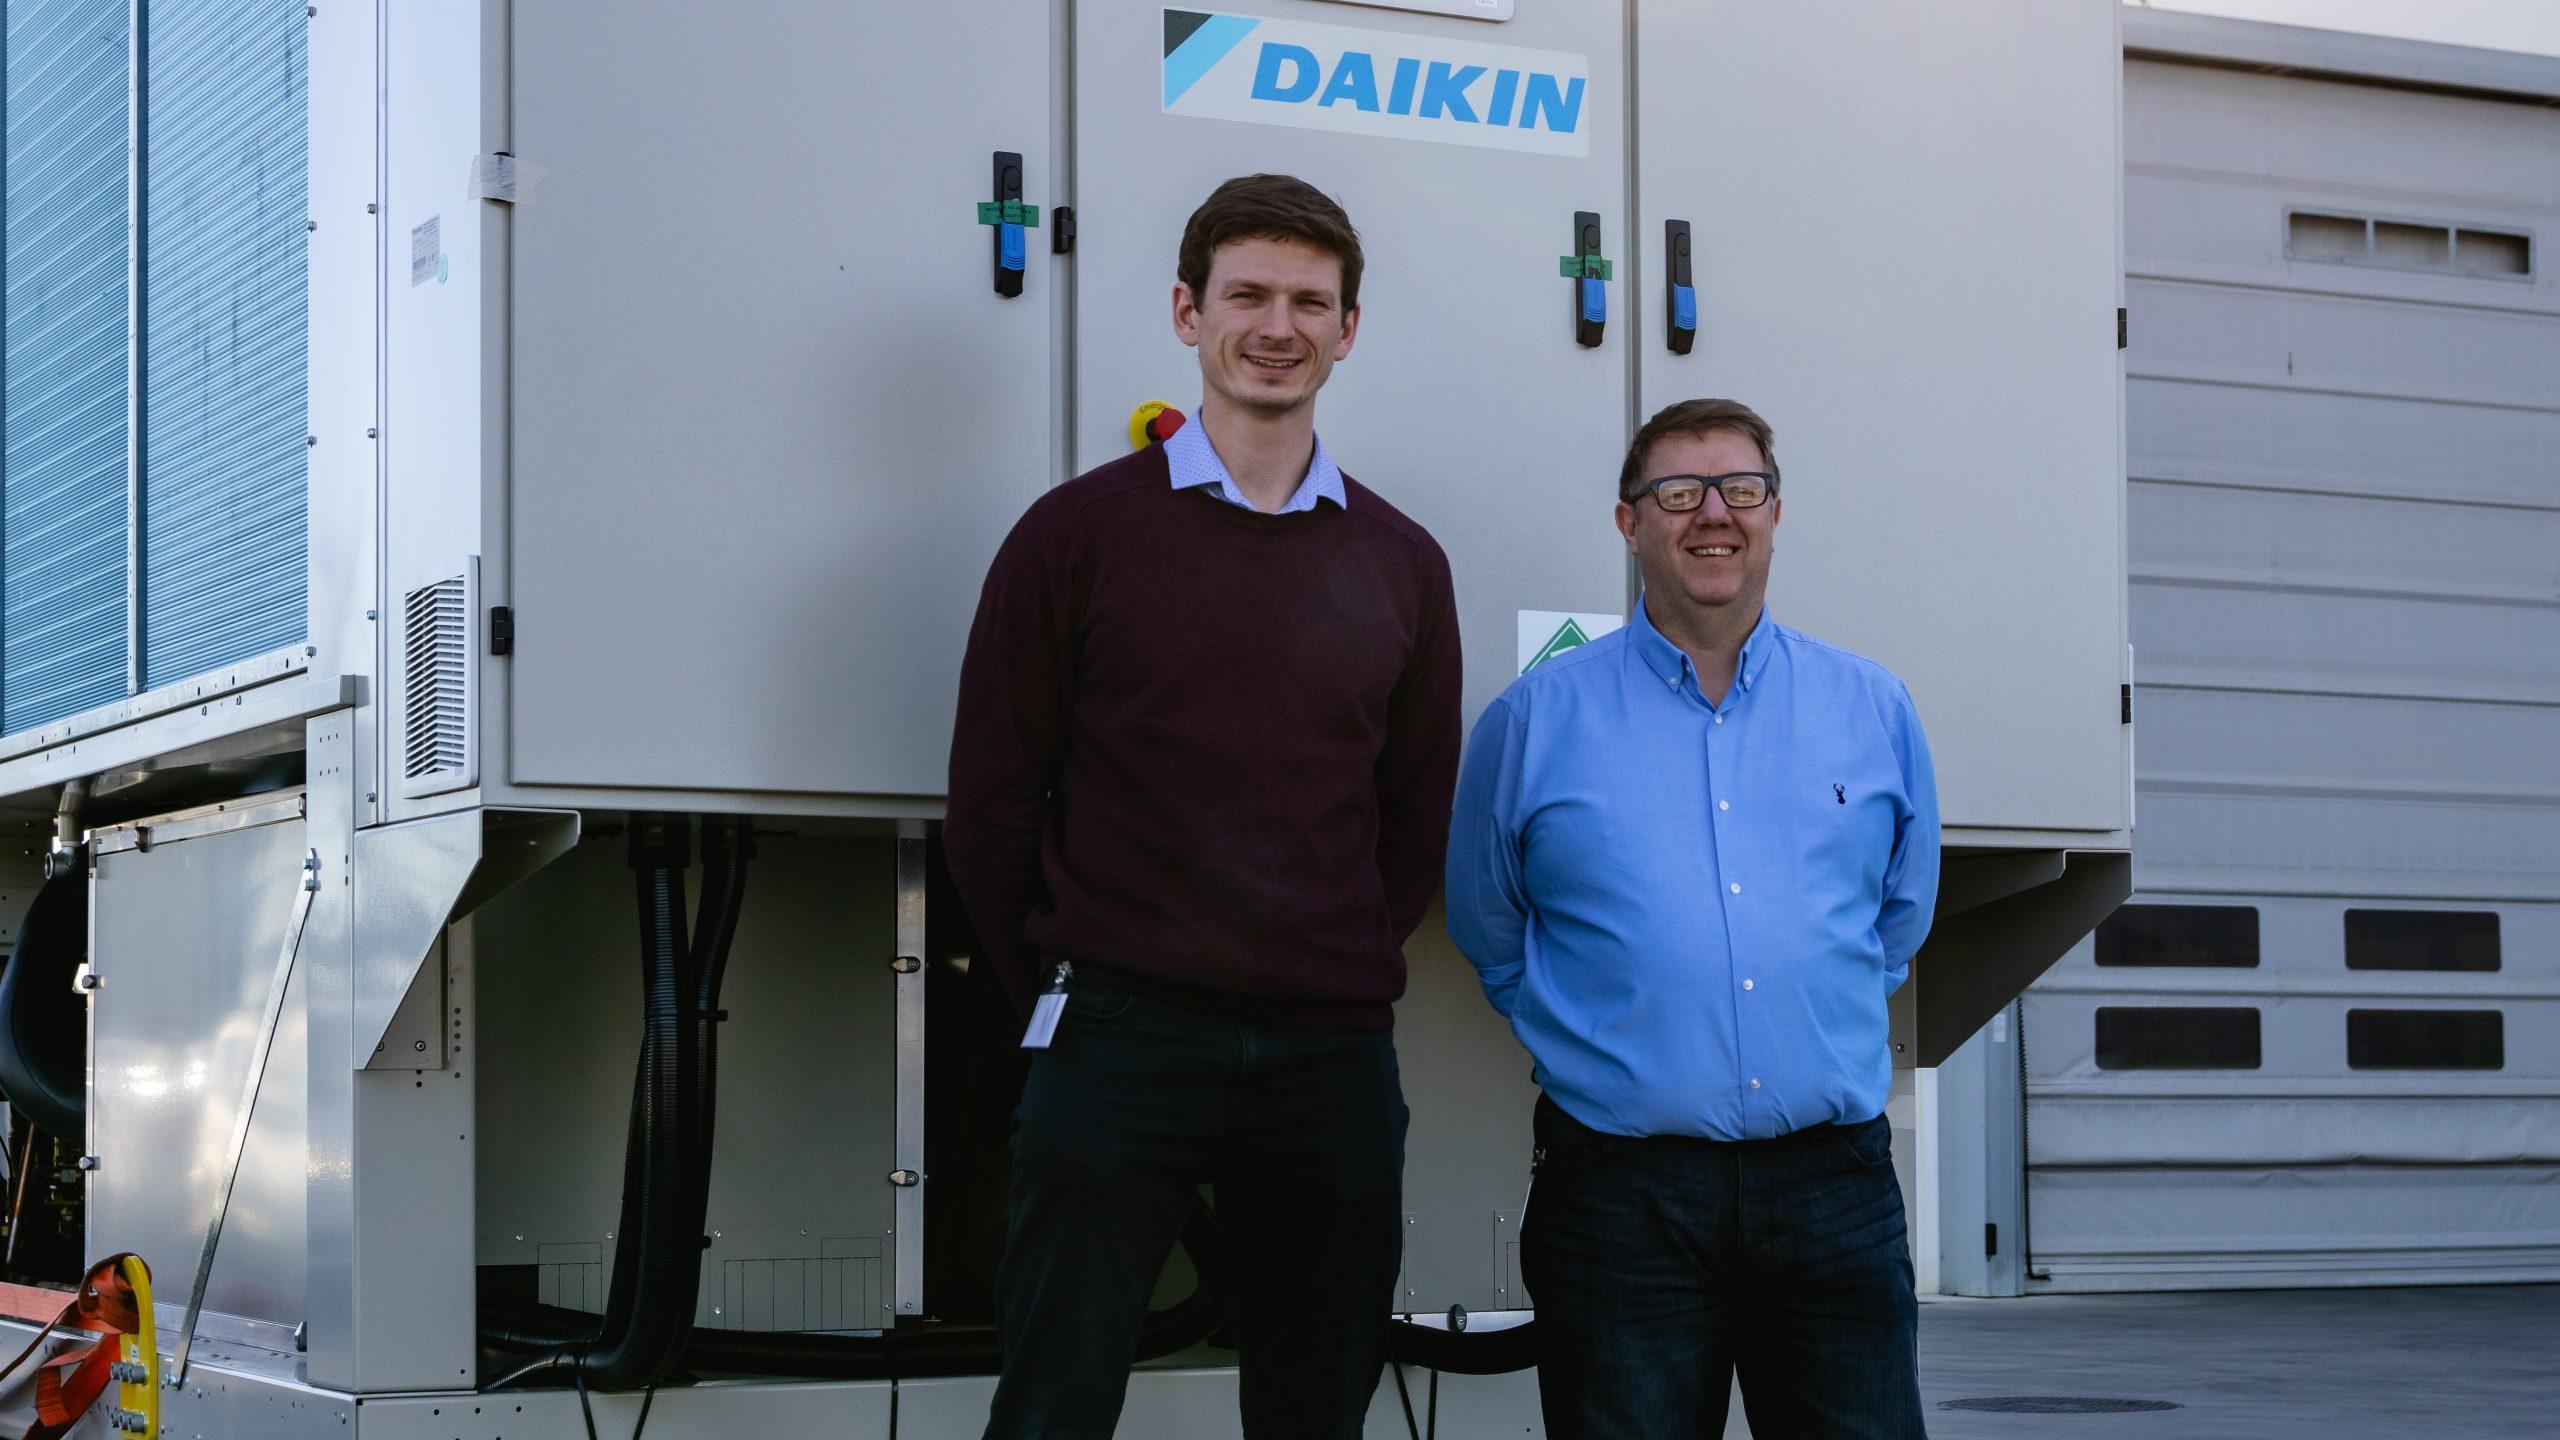 Daikin multipurpose chiller for a hospital